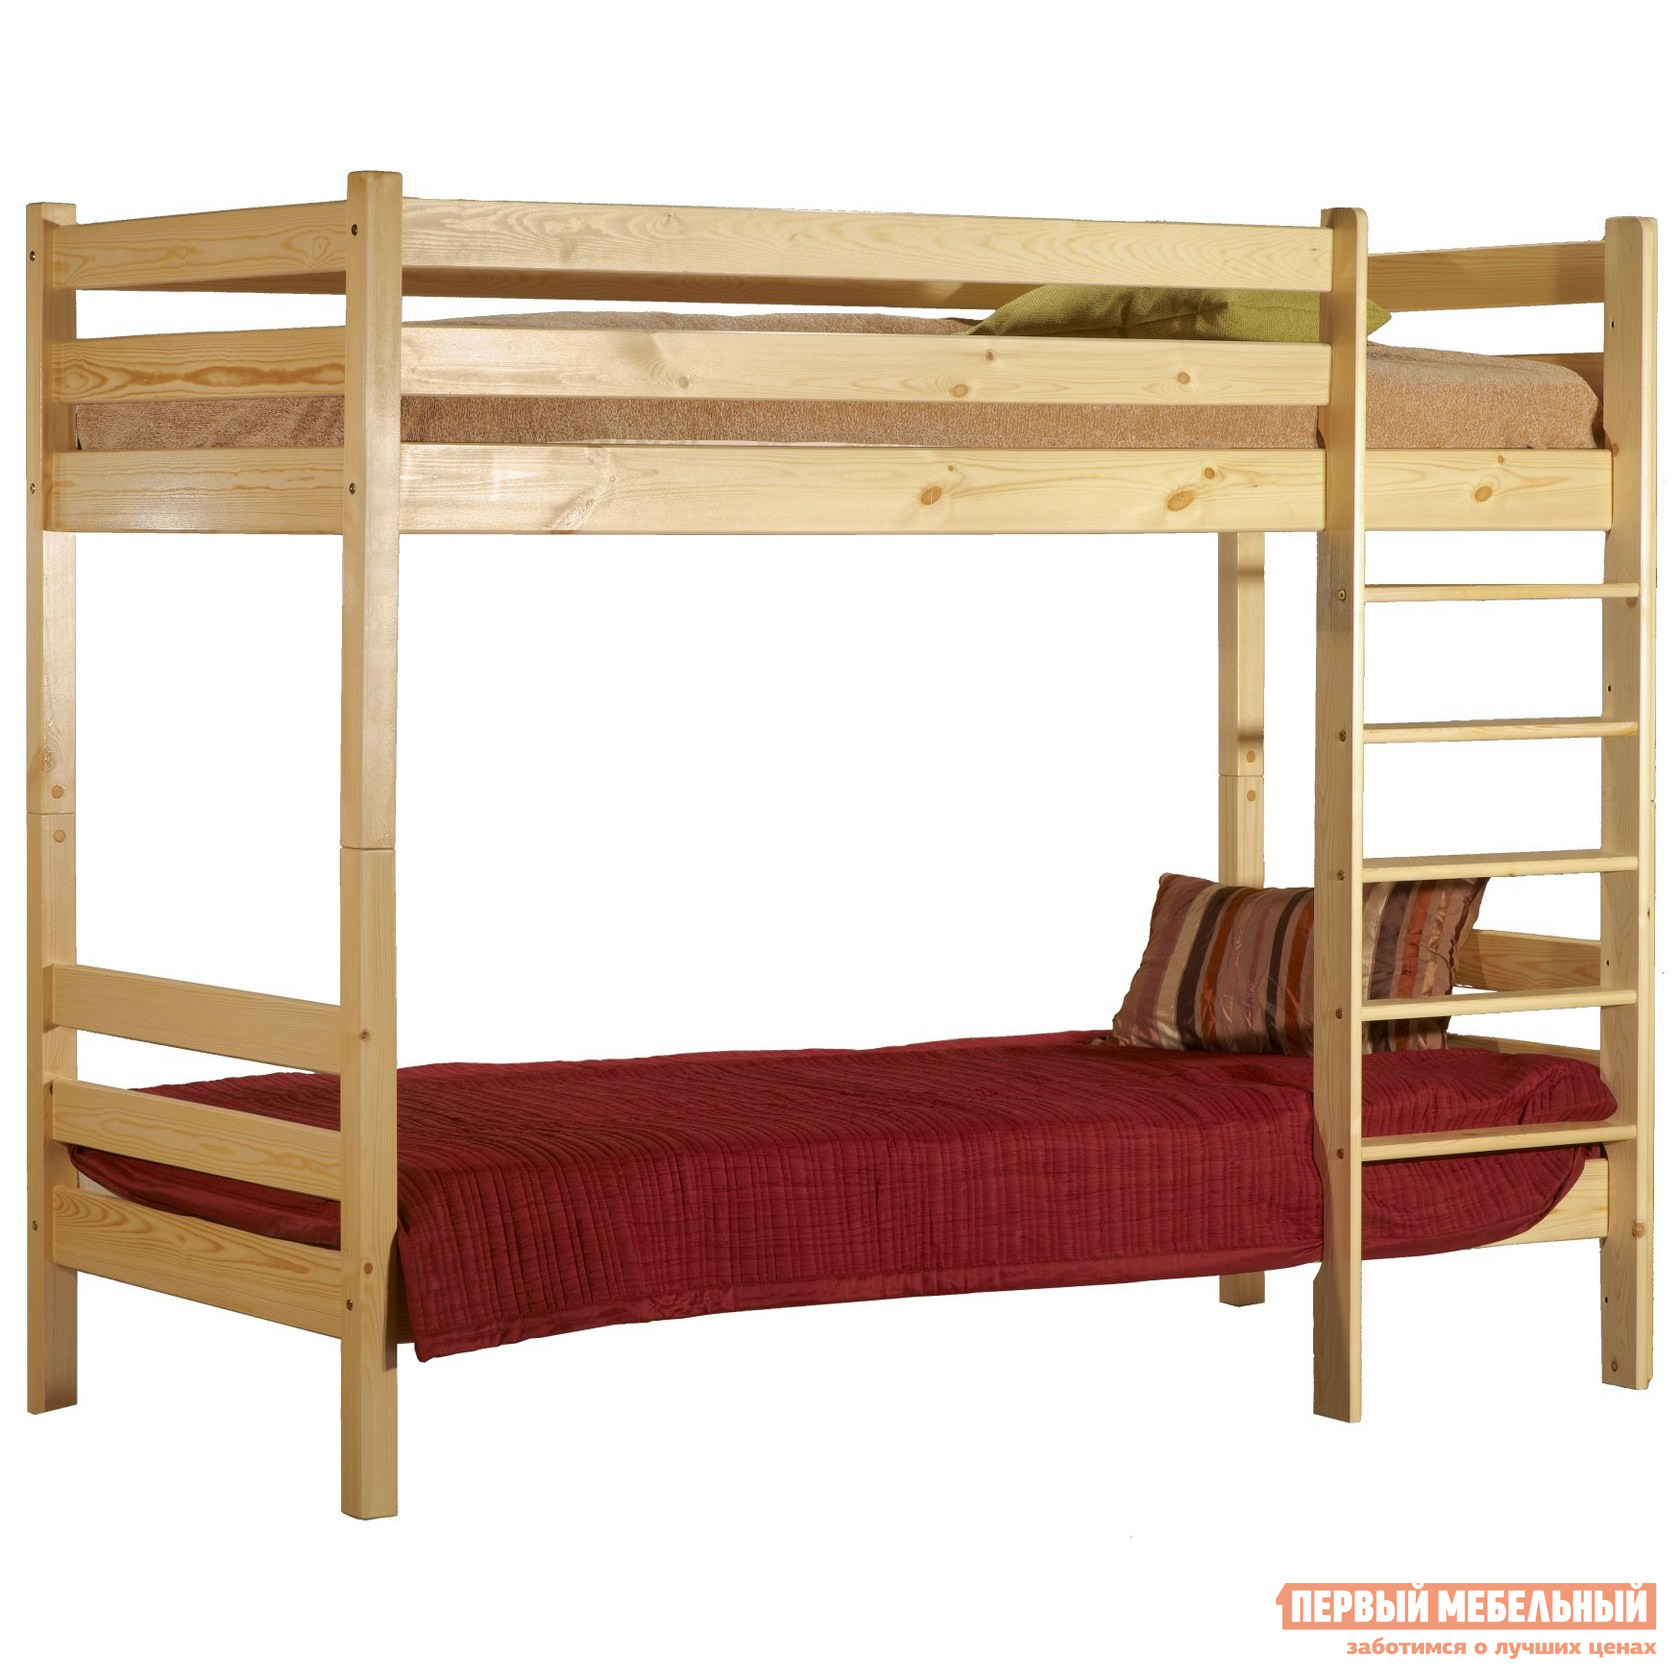 Двухъярусная кровать Timberica Кровать 2-ярусная Классик двухъярусная кровать timberica кровать 2 ярусная брамминг